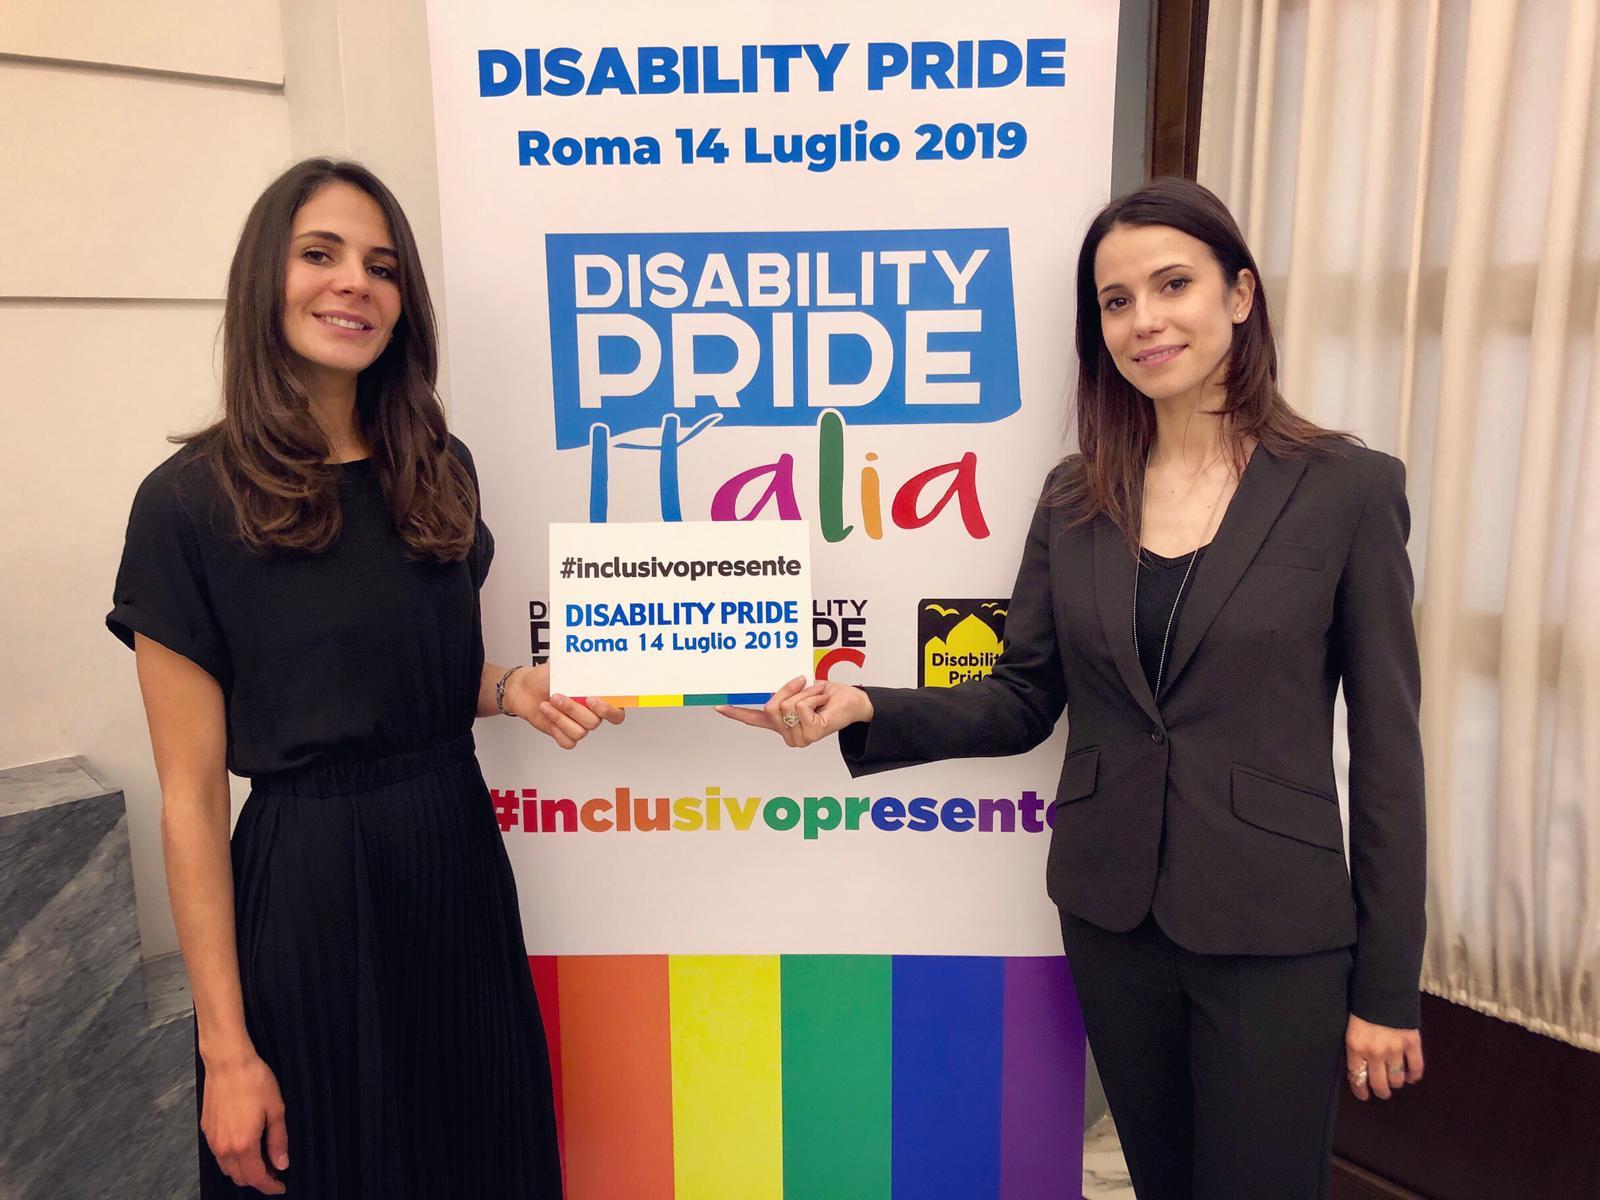 #inclusivopresente - foto dalla pagina facebook del Disability Pride Italia